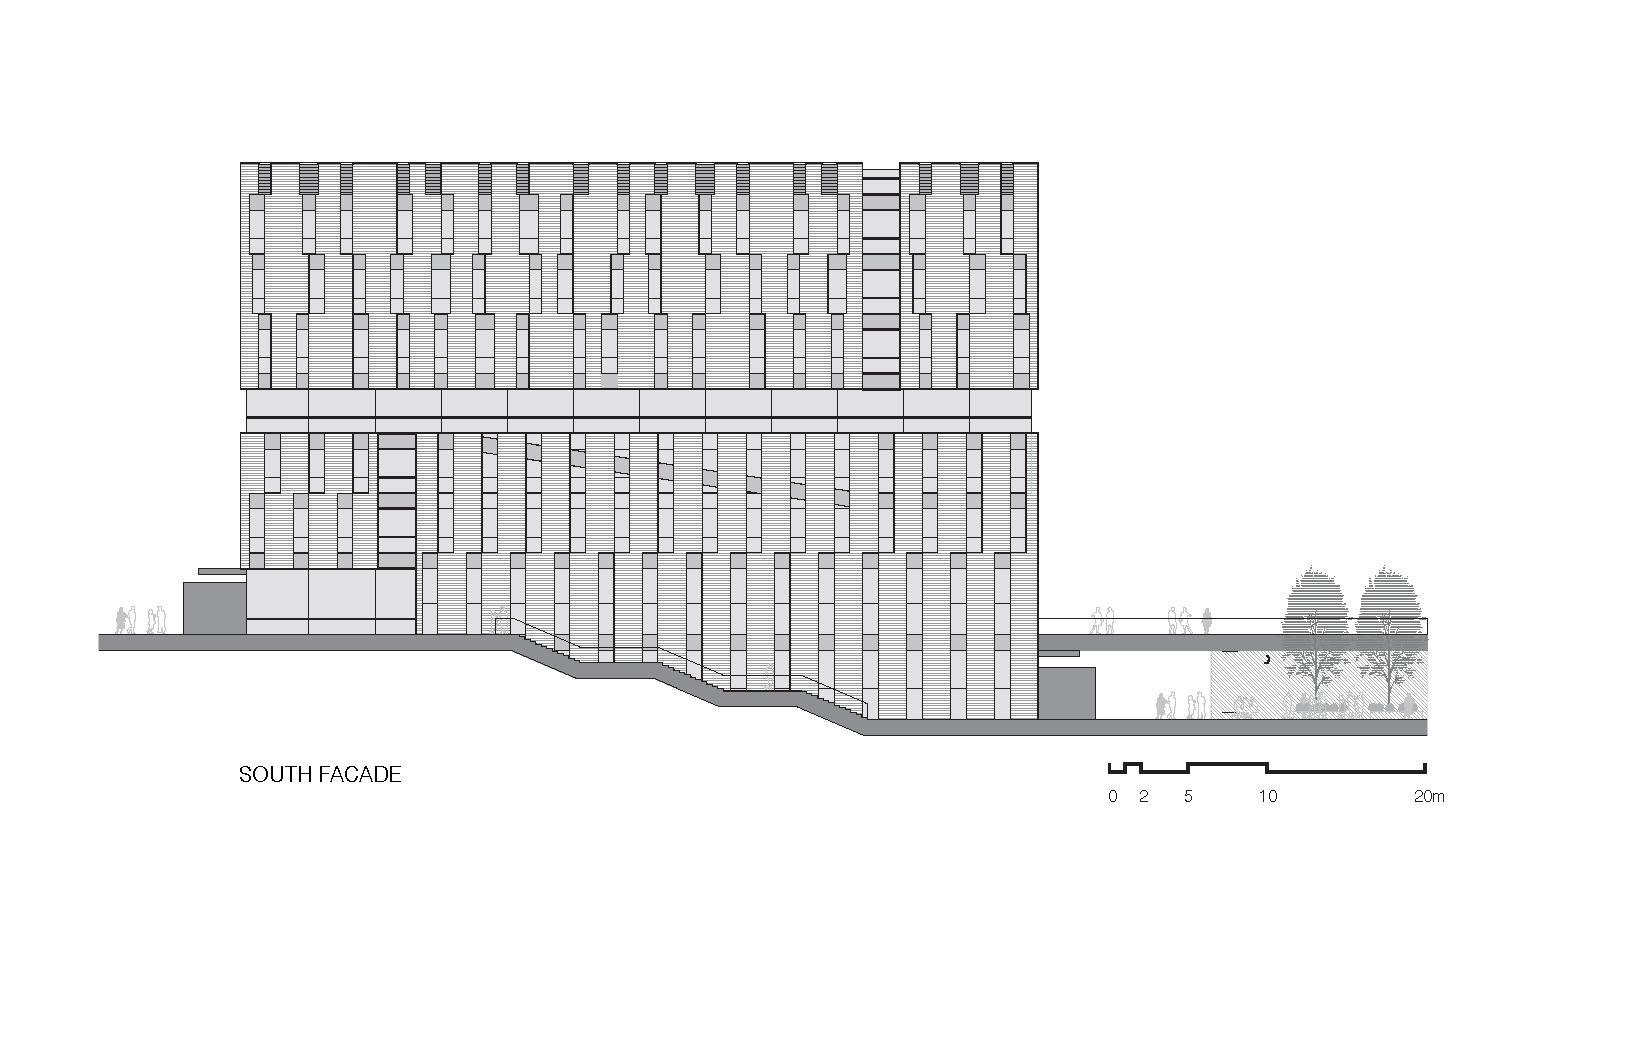 清华大学法学院图书馆建筑设计/KOKAISTUDIOS